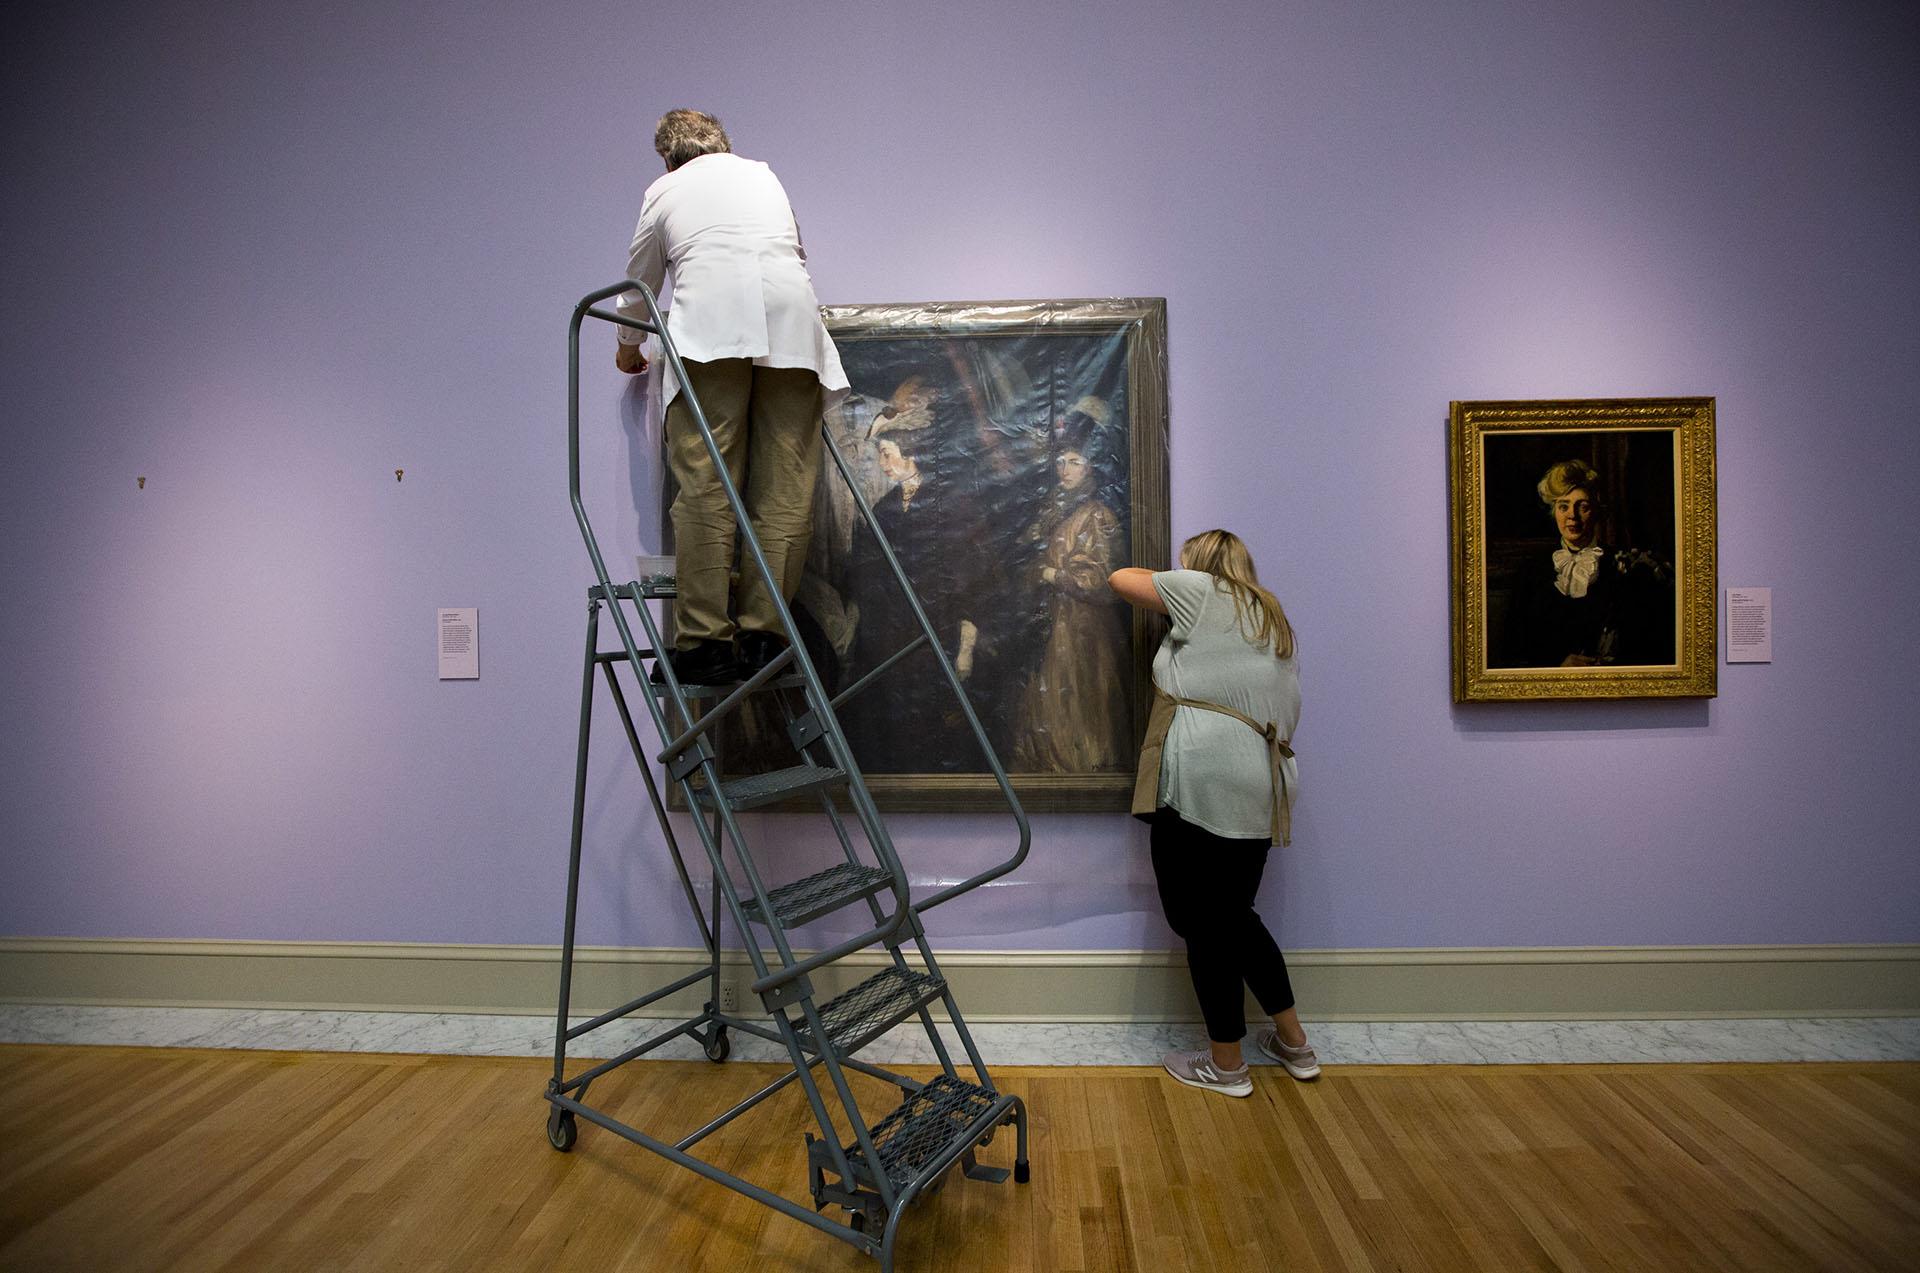 """Mark Lewis, conservador, y Alisa Reynolds aseguran el cuadro """"The Shoppers"""" de William James Glackens en el Museo de Arte Chrysler (The' N. Pham/The Virginian-Pilot via AP)"""